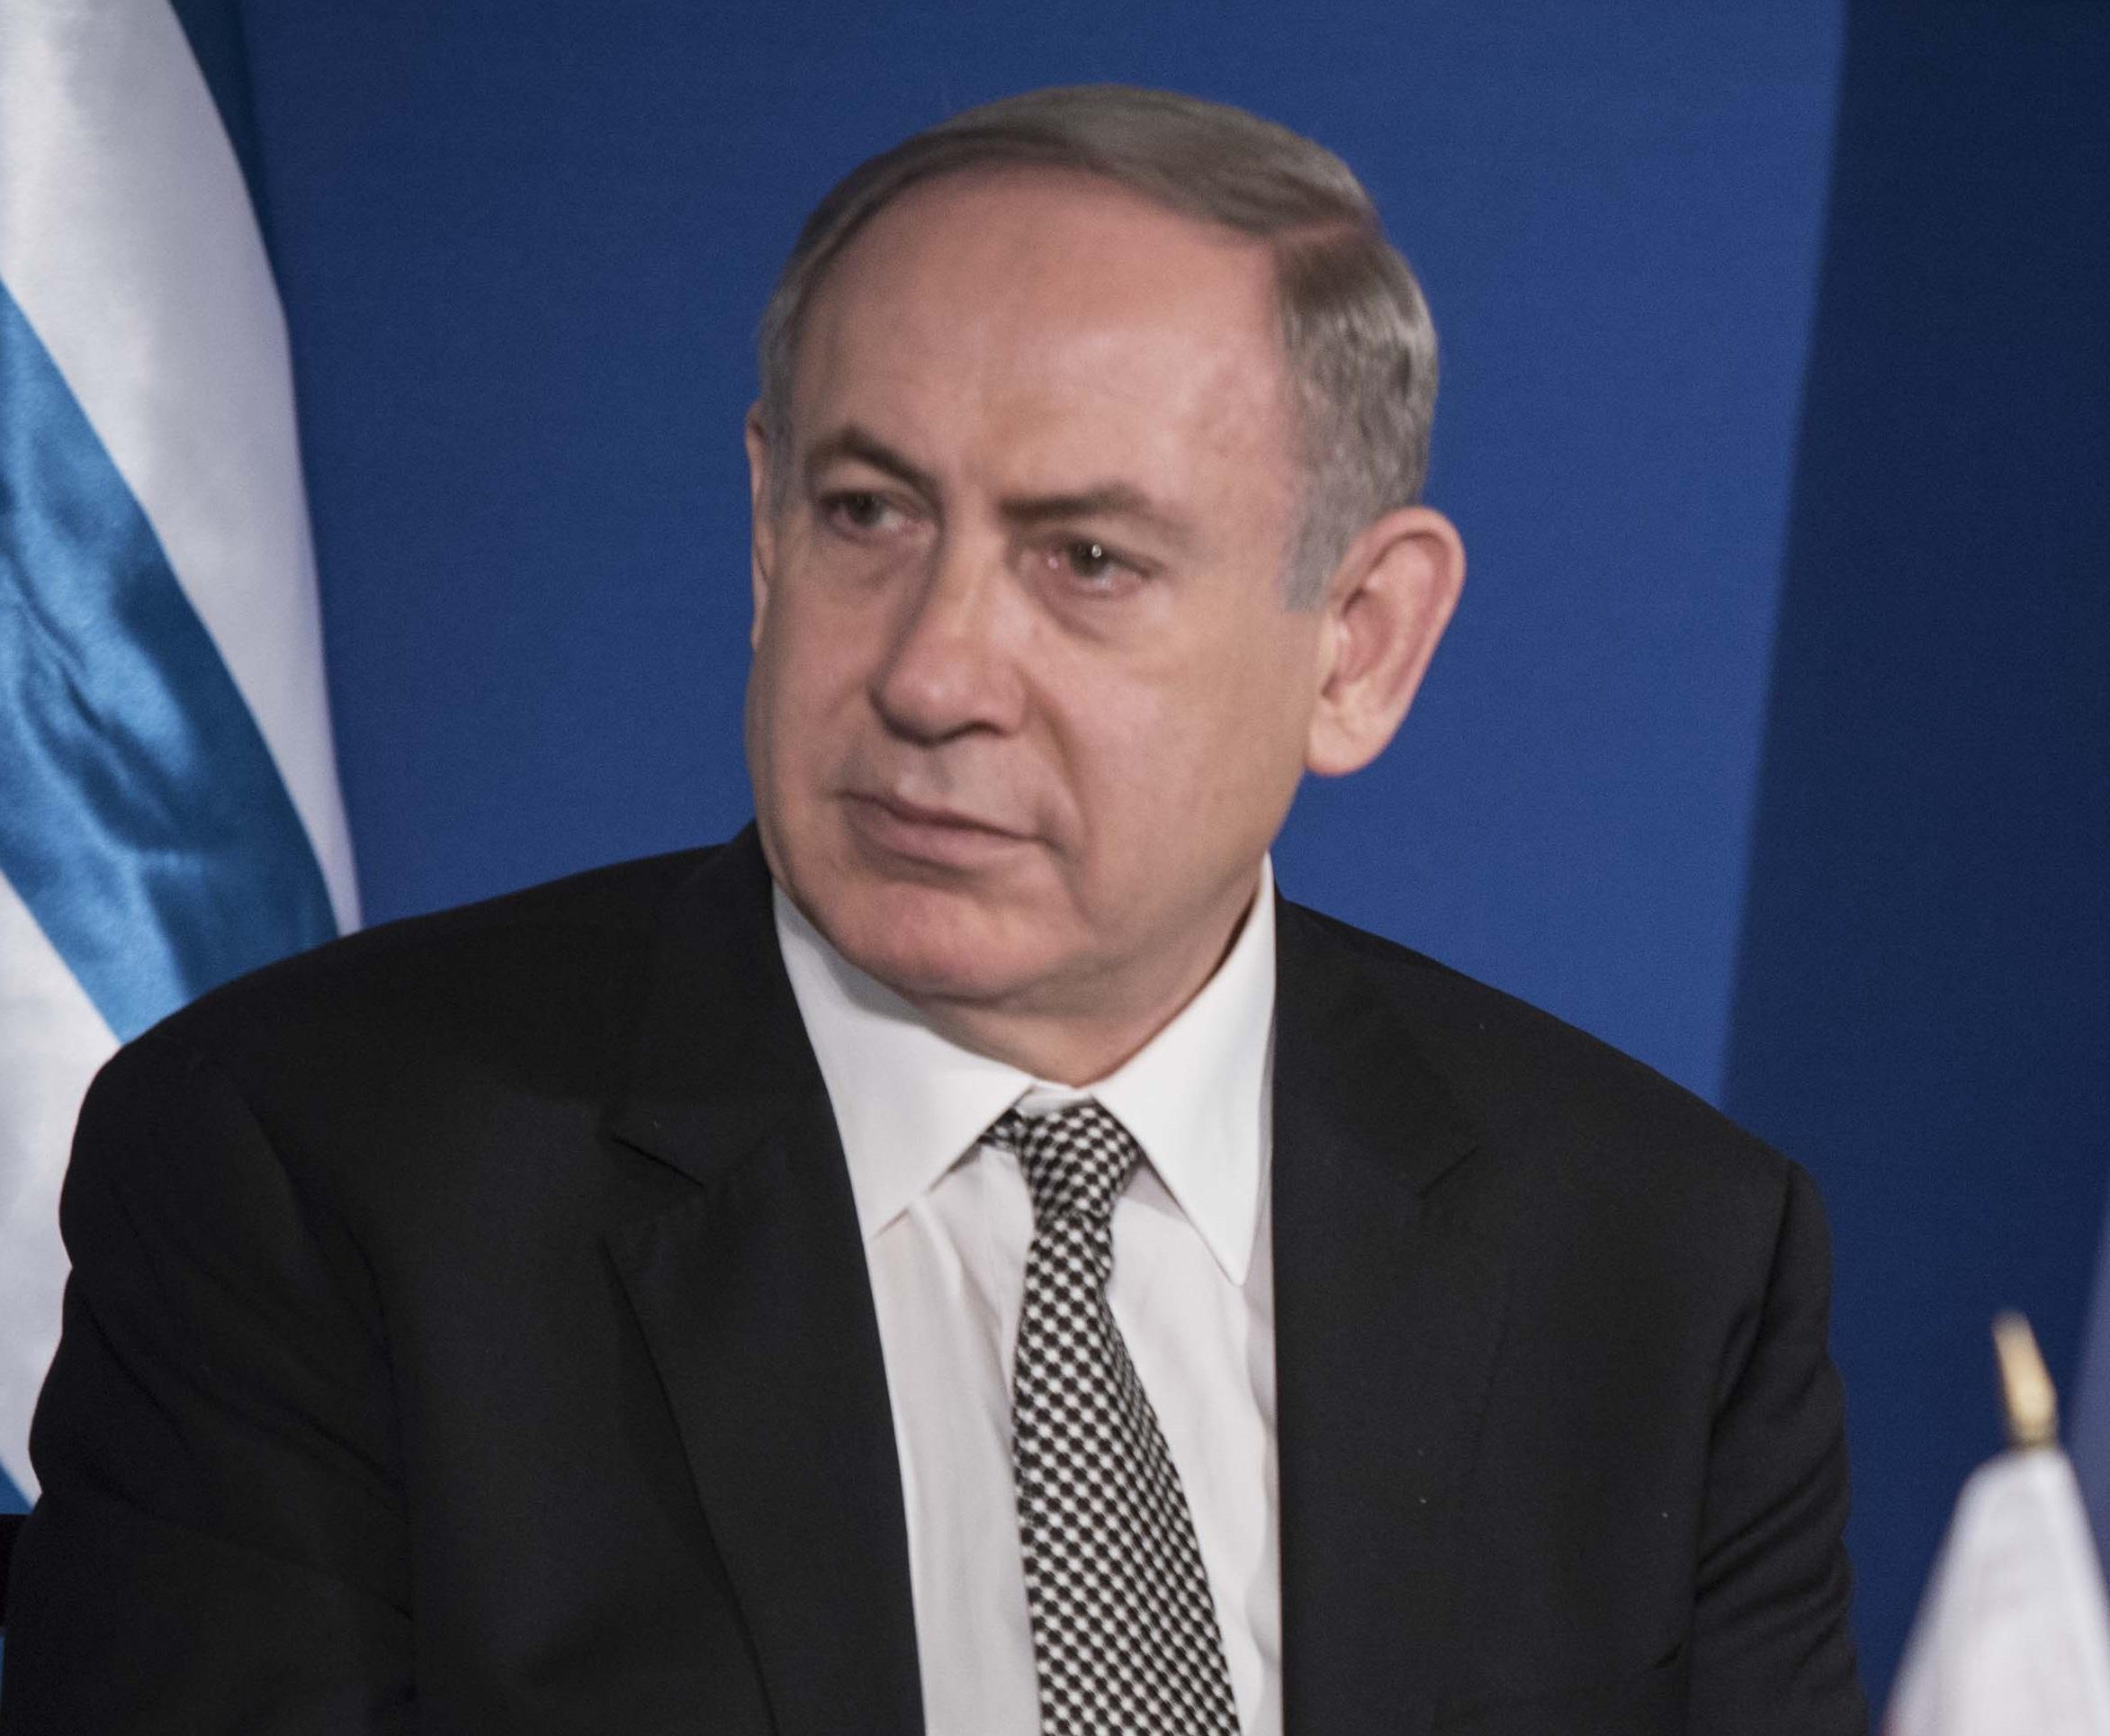 Ισραήλ: Αρνείται τις κατηγορίες ο Νετανιάχου – «Δεν υποκινώ τη βία»